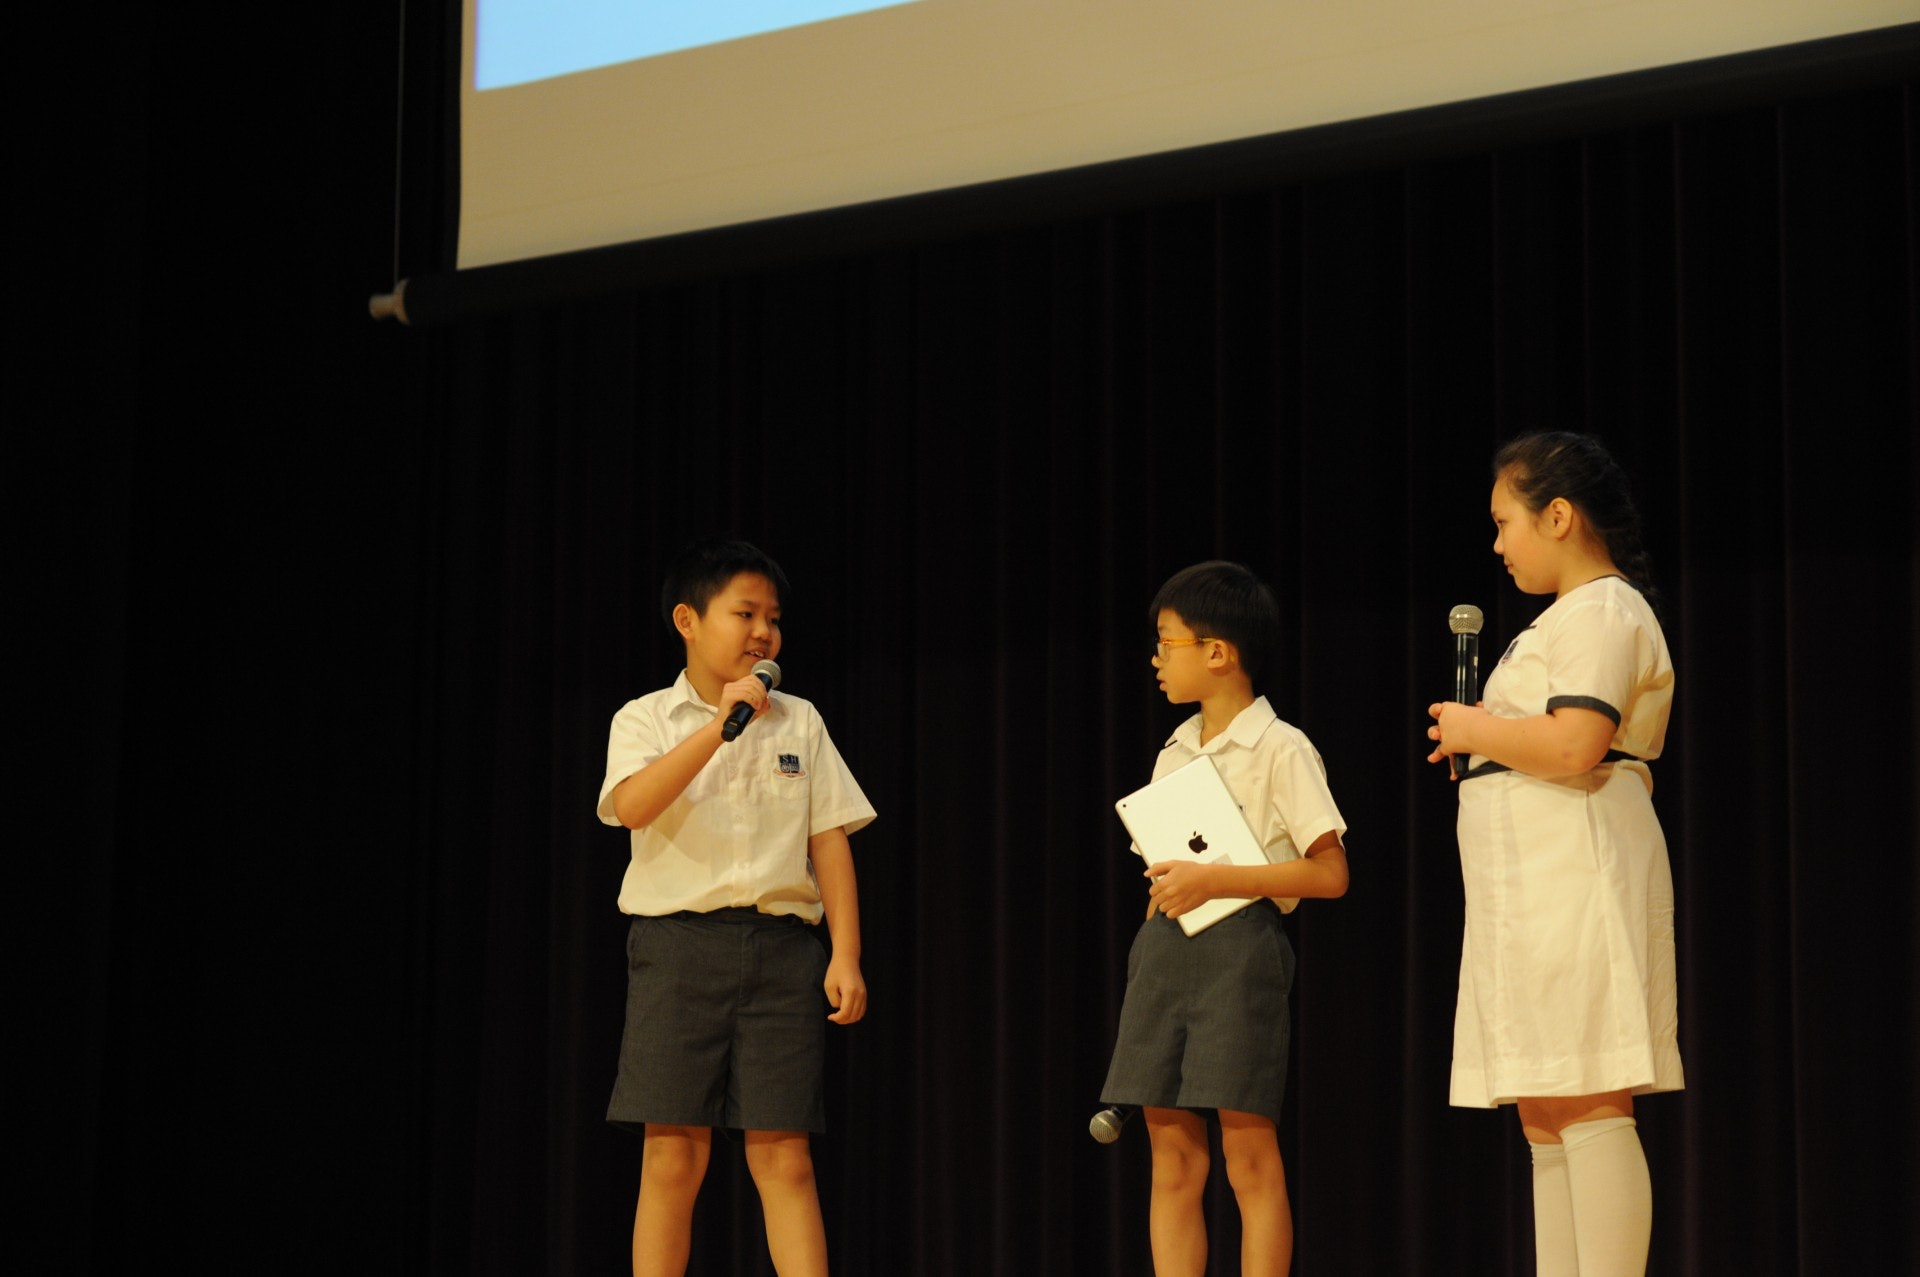 學生溝通表達能力很重要。